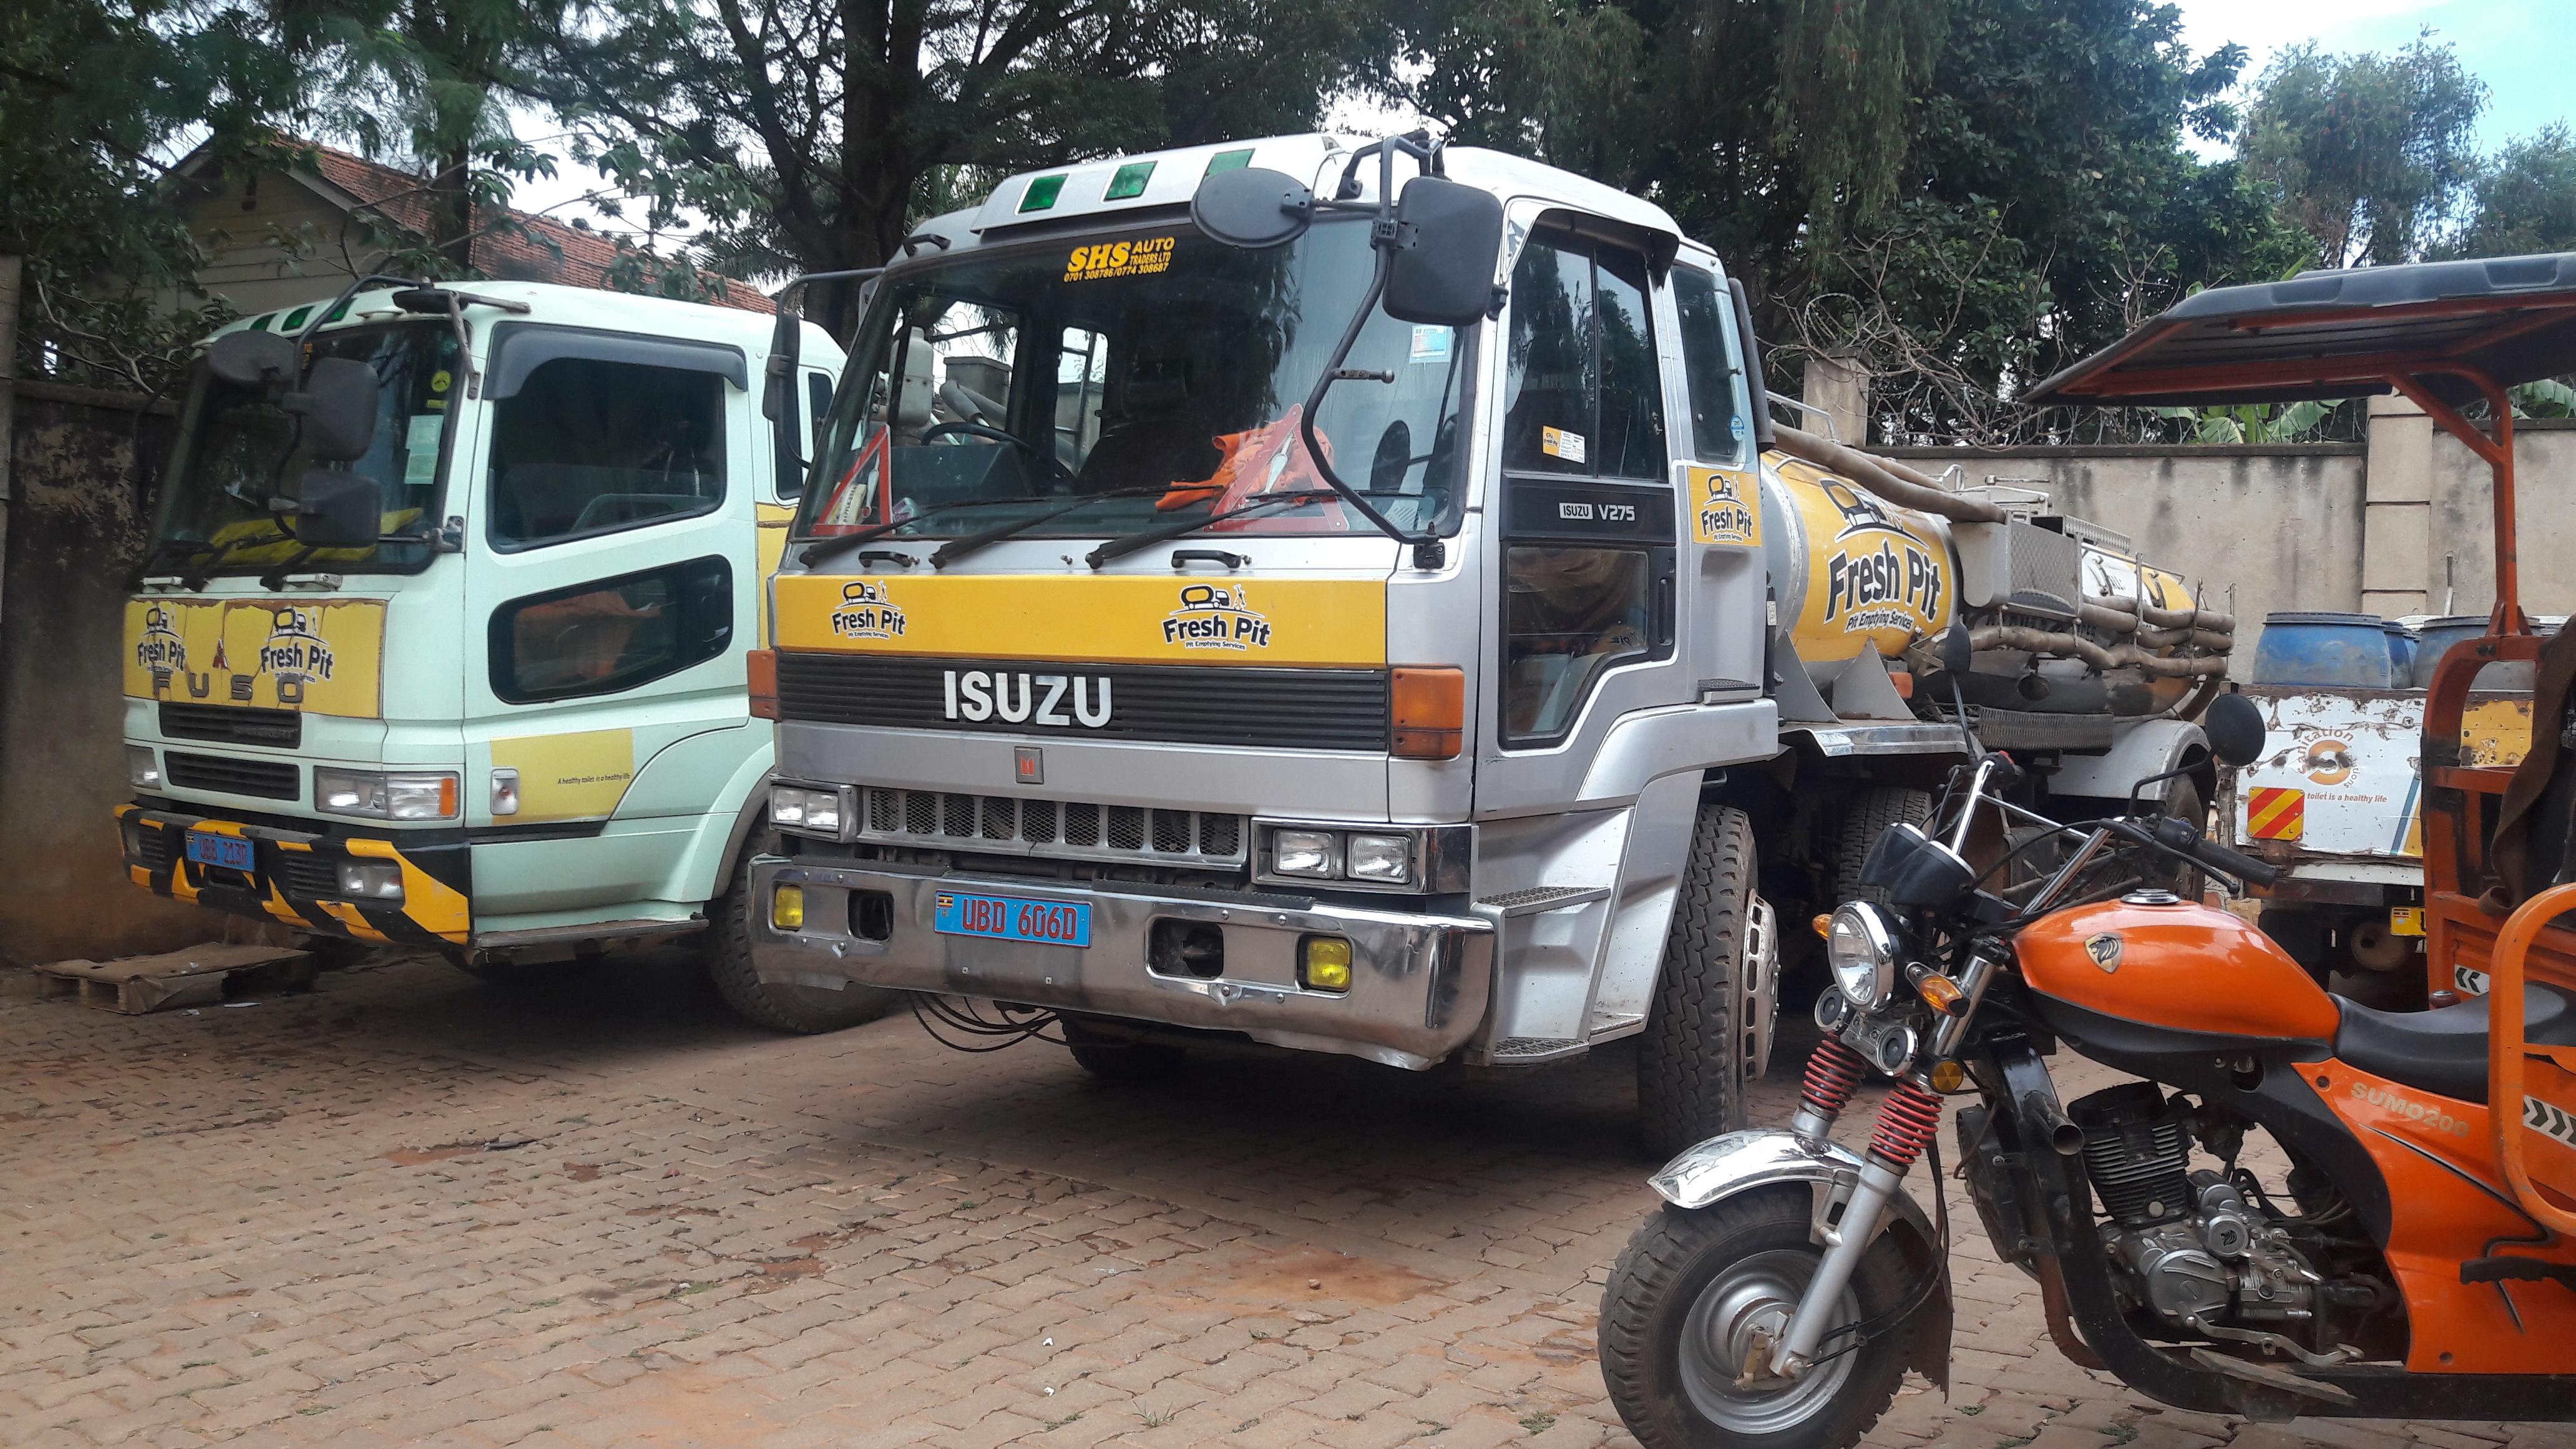 Fresh Pit Cesspool trucks Uganda